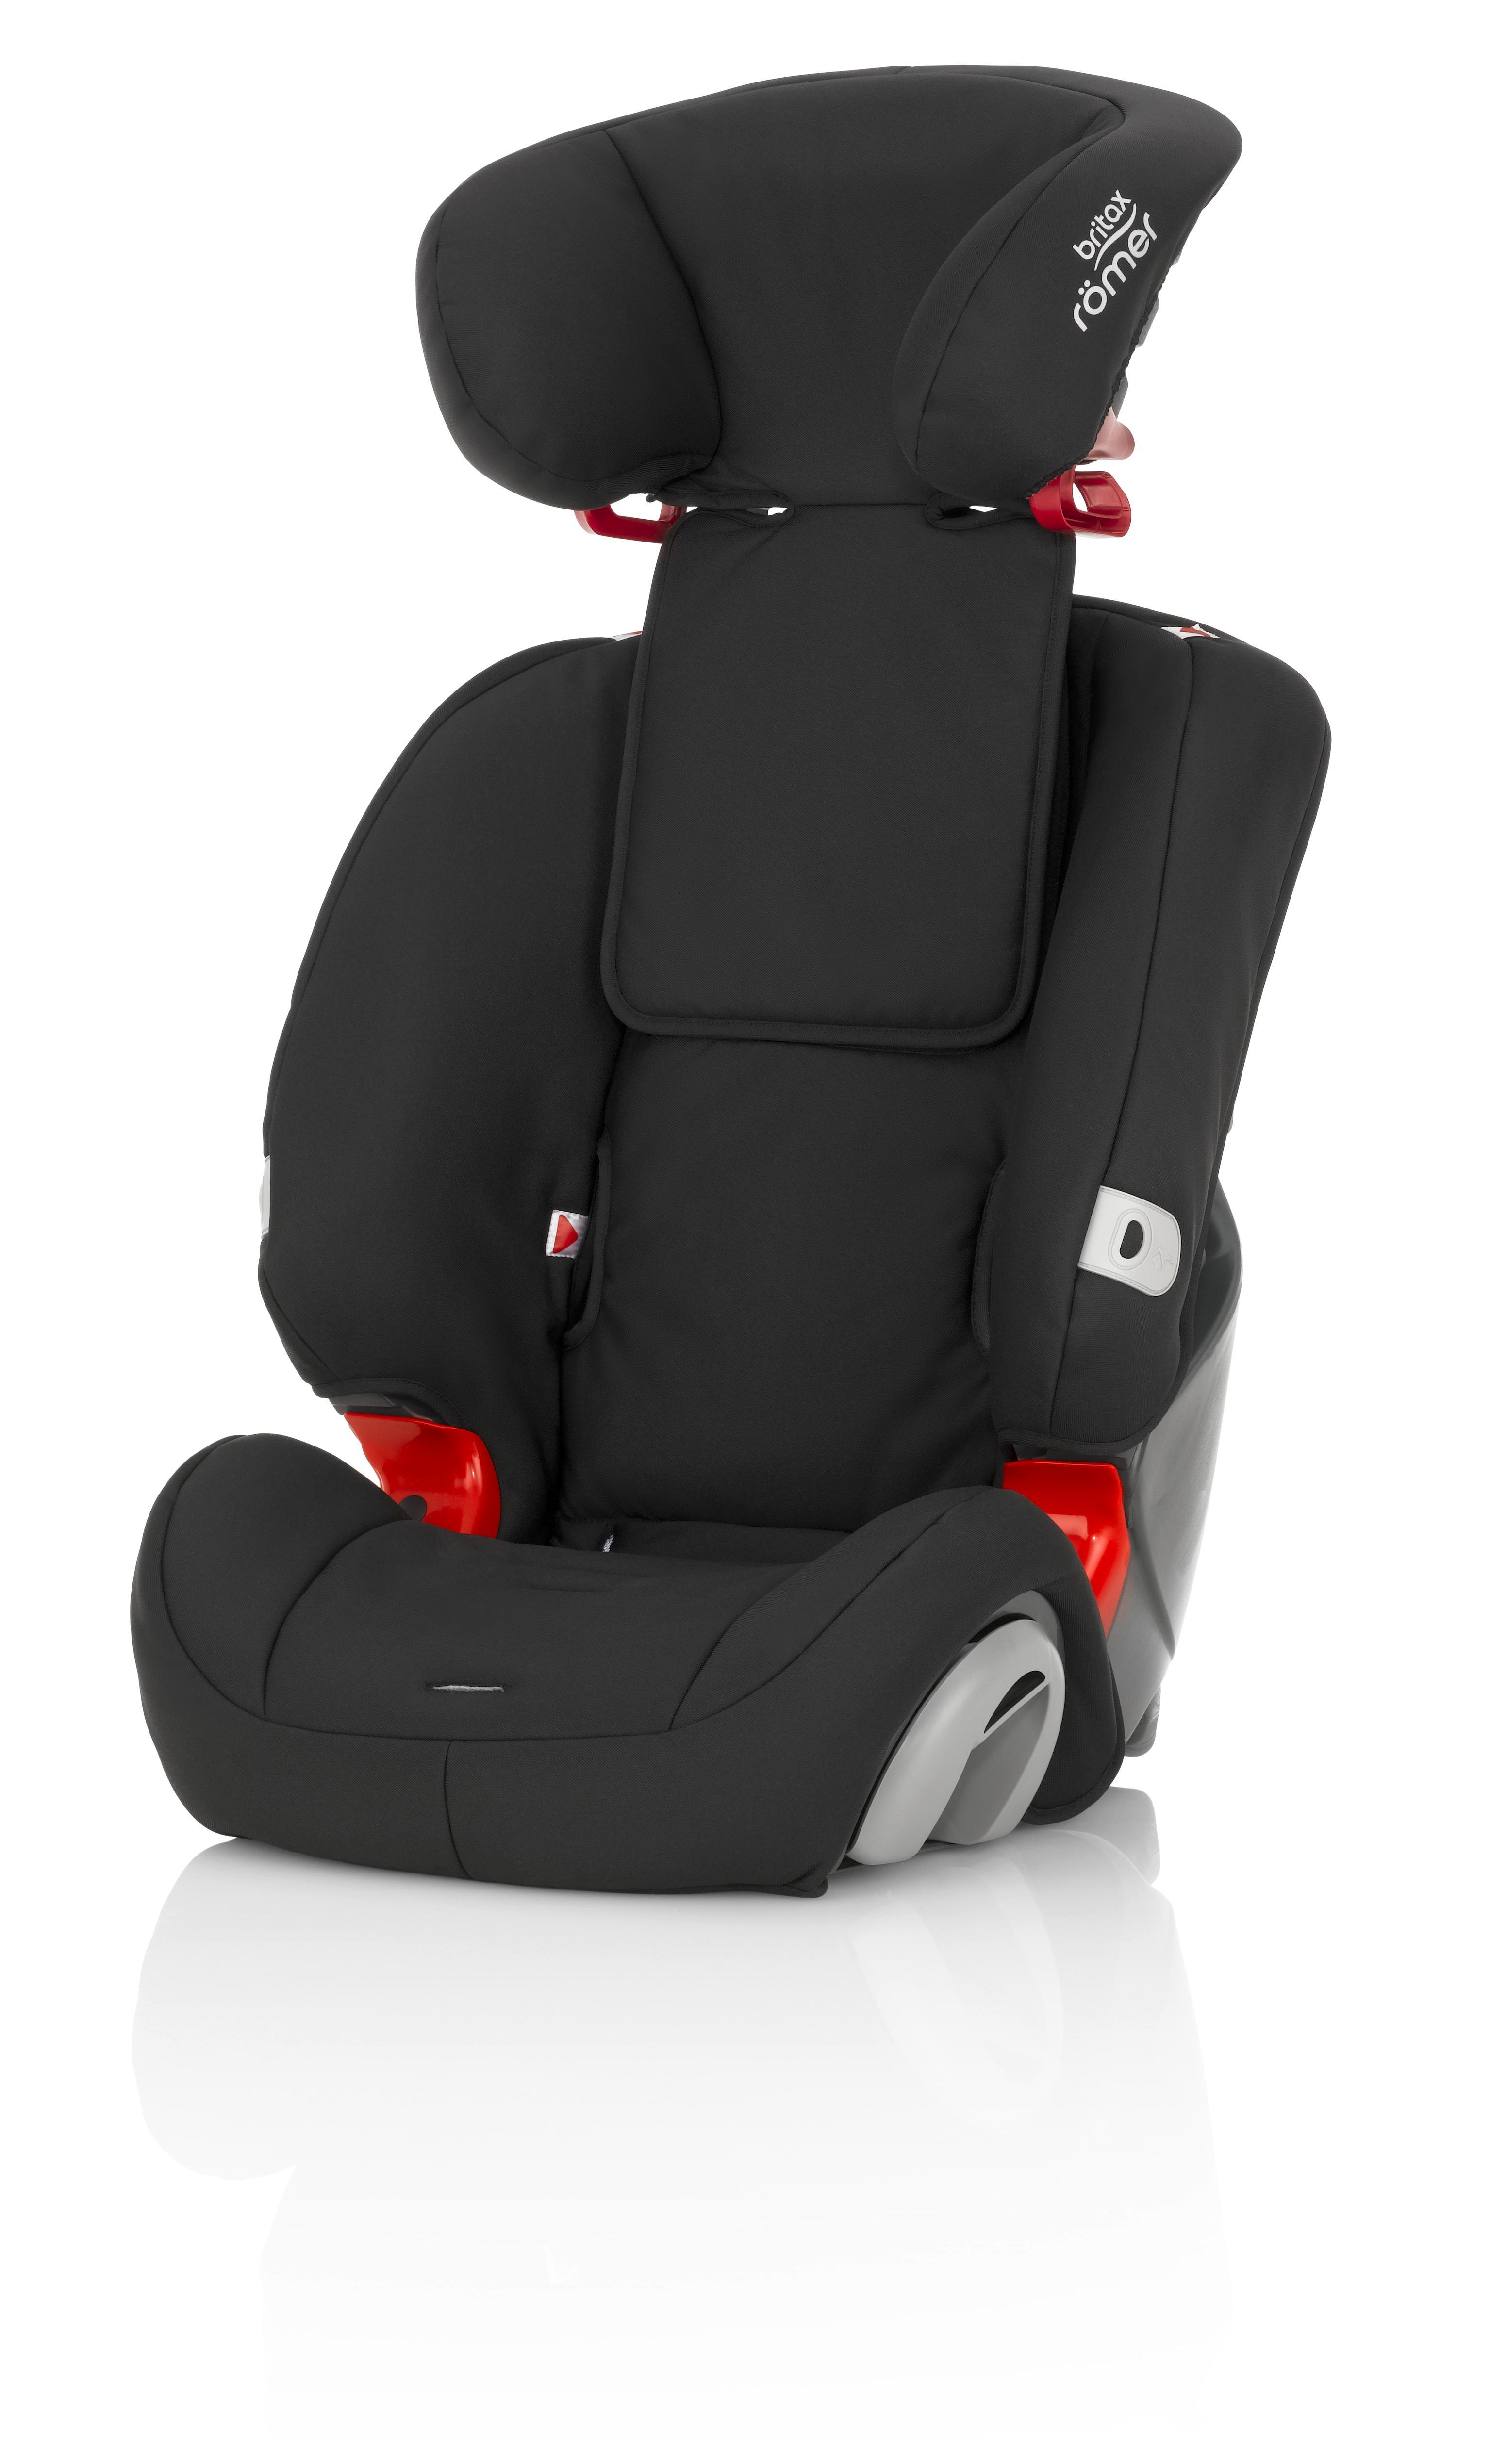 b safe car seat manual